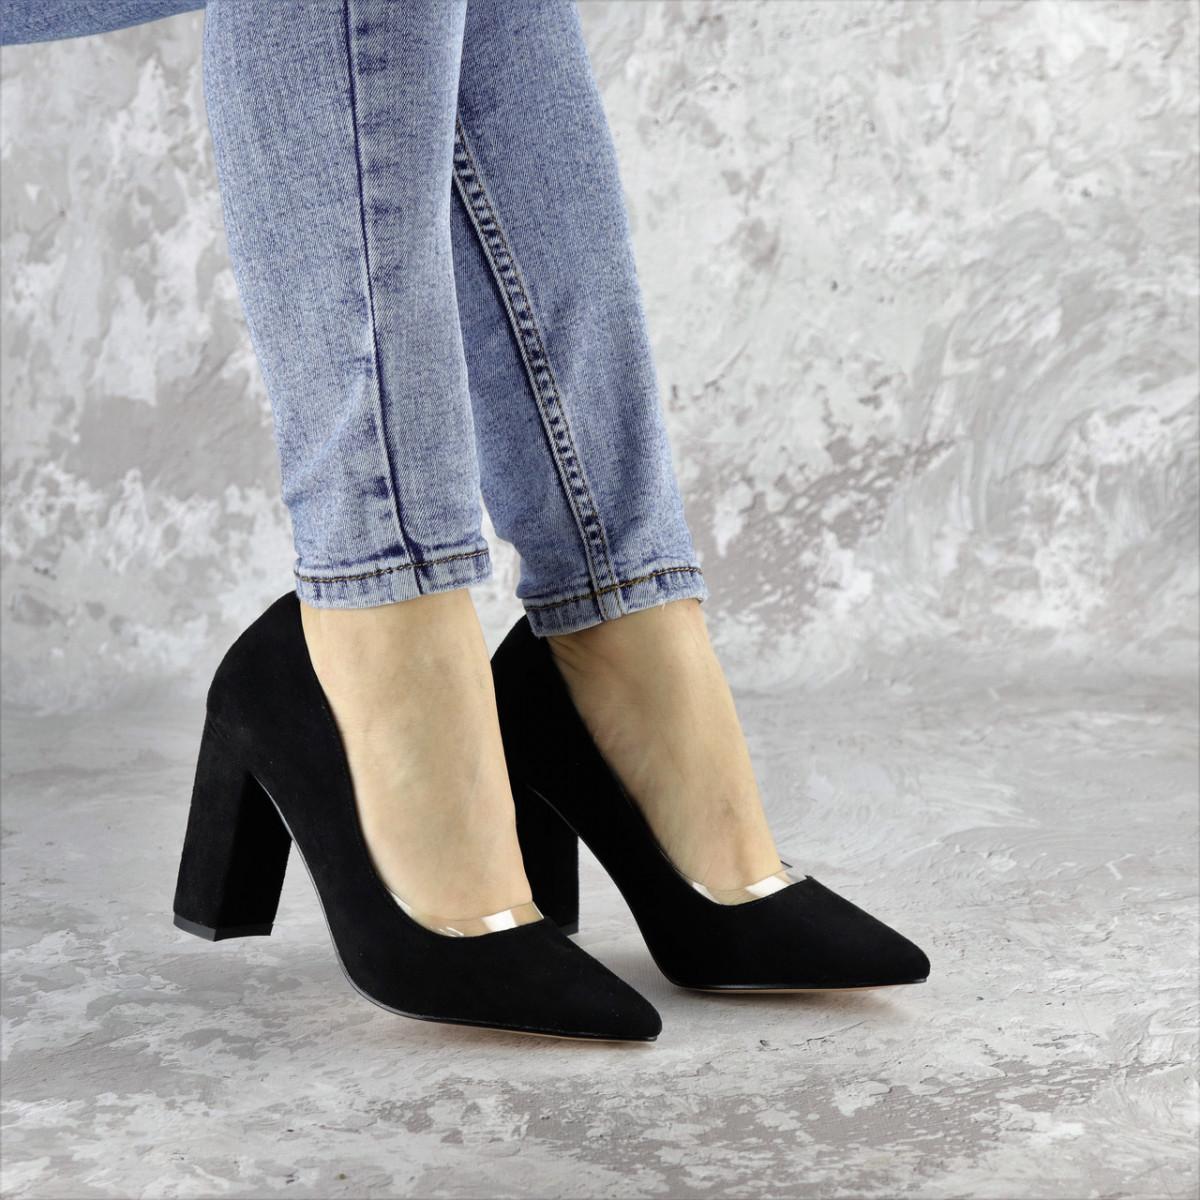 Туфли женские на каблуке черные Snuffles 2399 (36 размер)